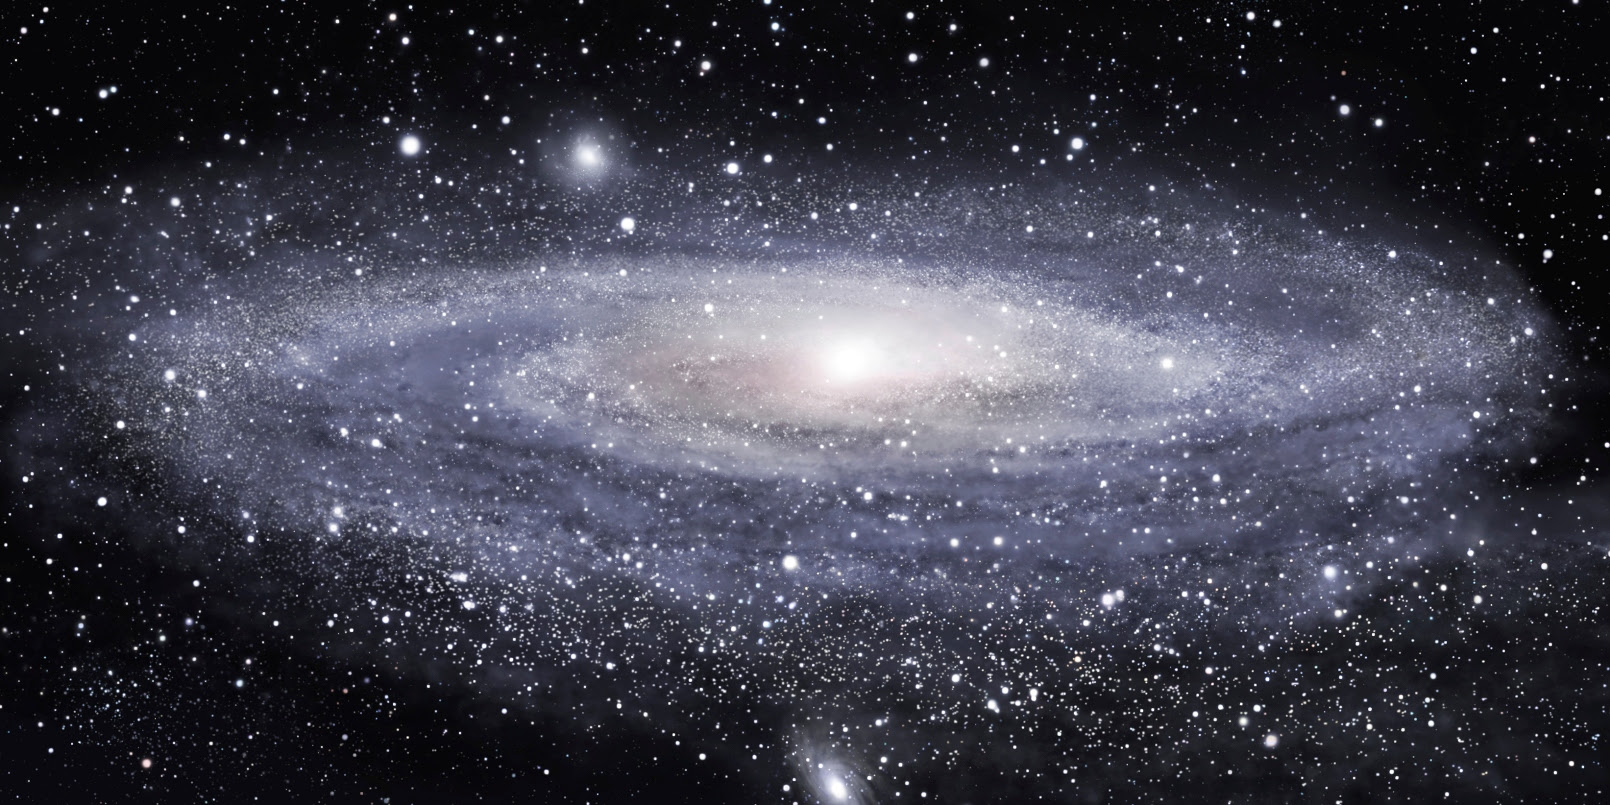 http://cdn1.tnwcdn.com/wp-content/blogs.dir/1/files/2012/11/MilkyWay.jpg